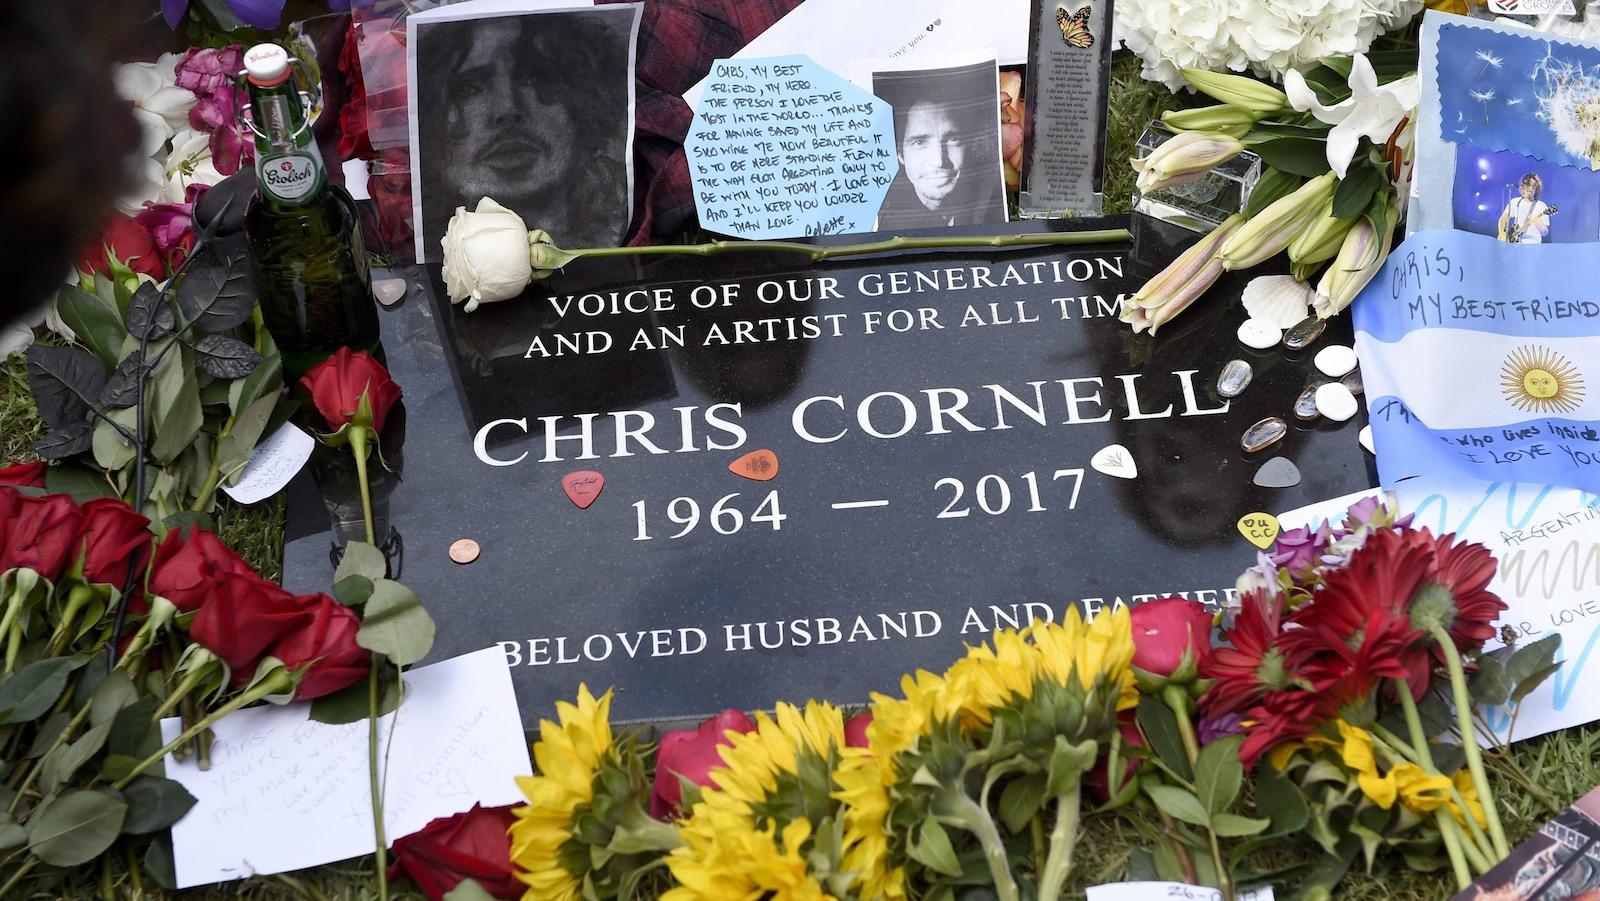 De nombreuses fleurs, photos et messages ont été posés sur la tombe de Chris Cornell, après son enterrement, le 26 mai.